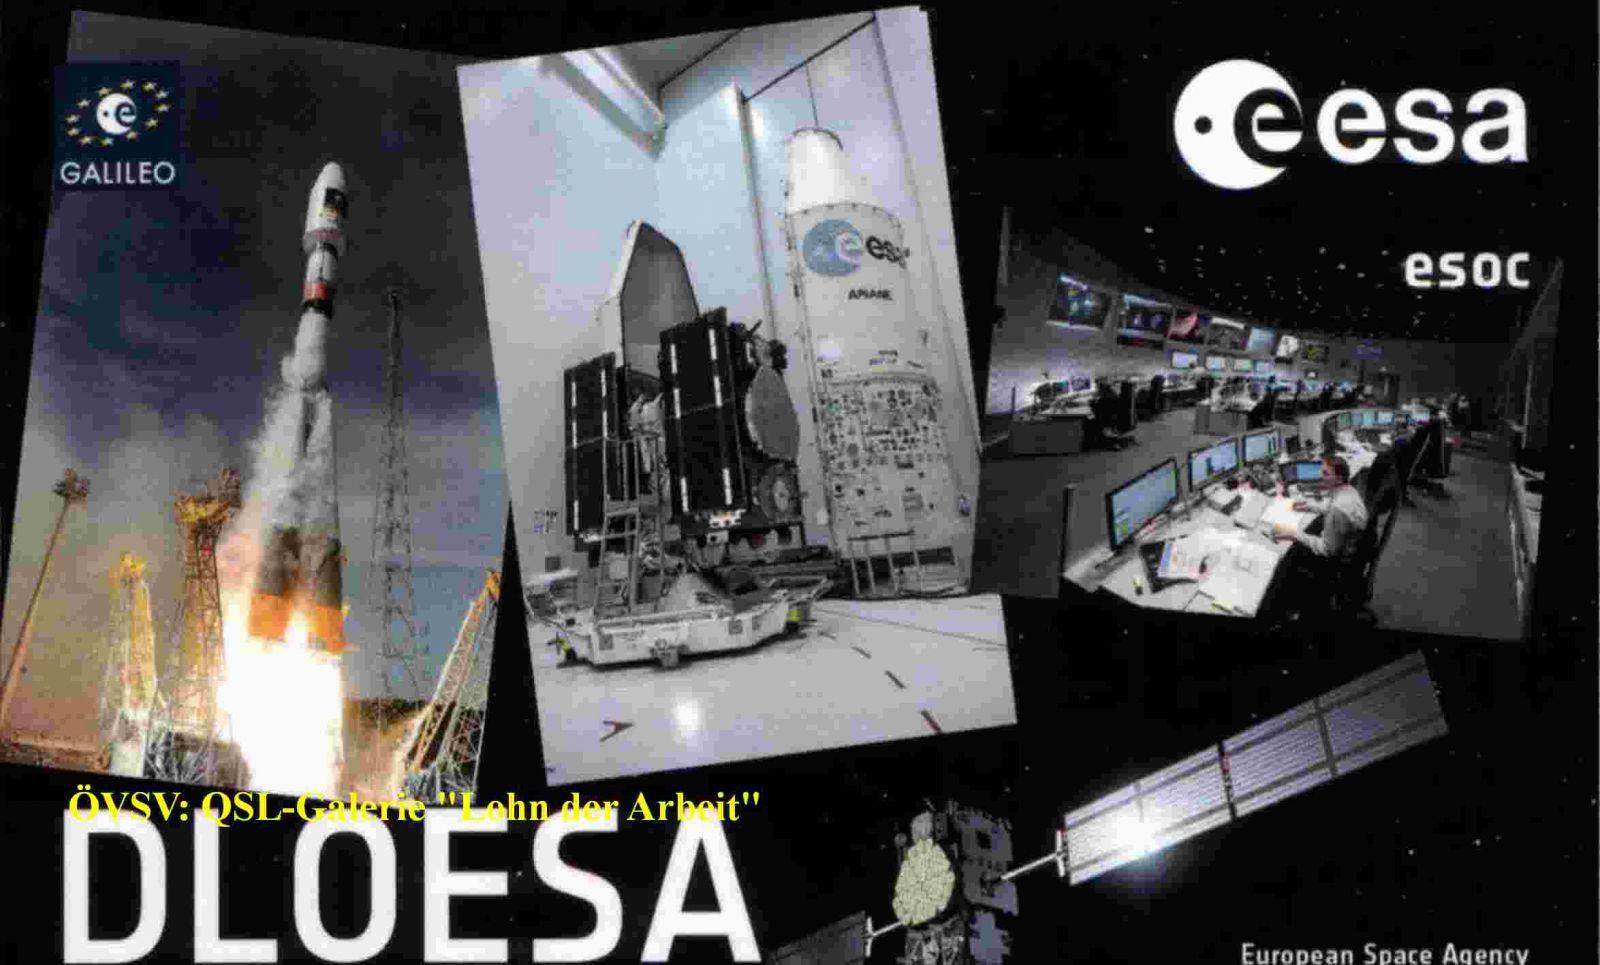 DL0ESA Galileo Event QSL